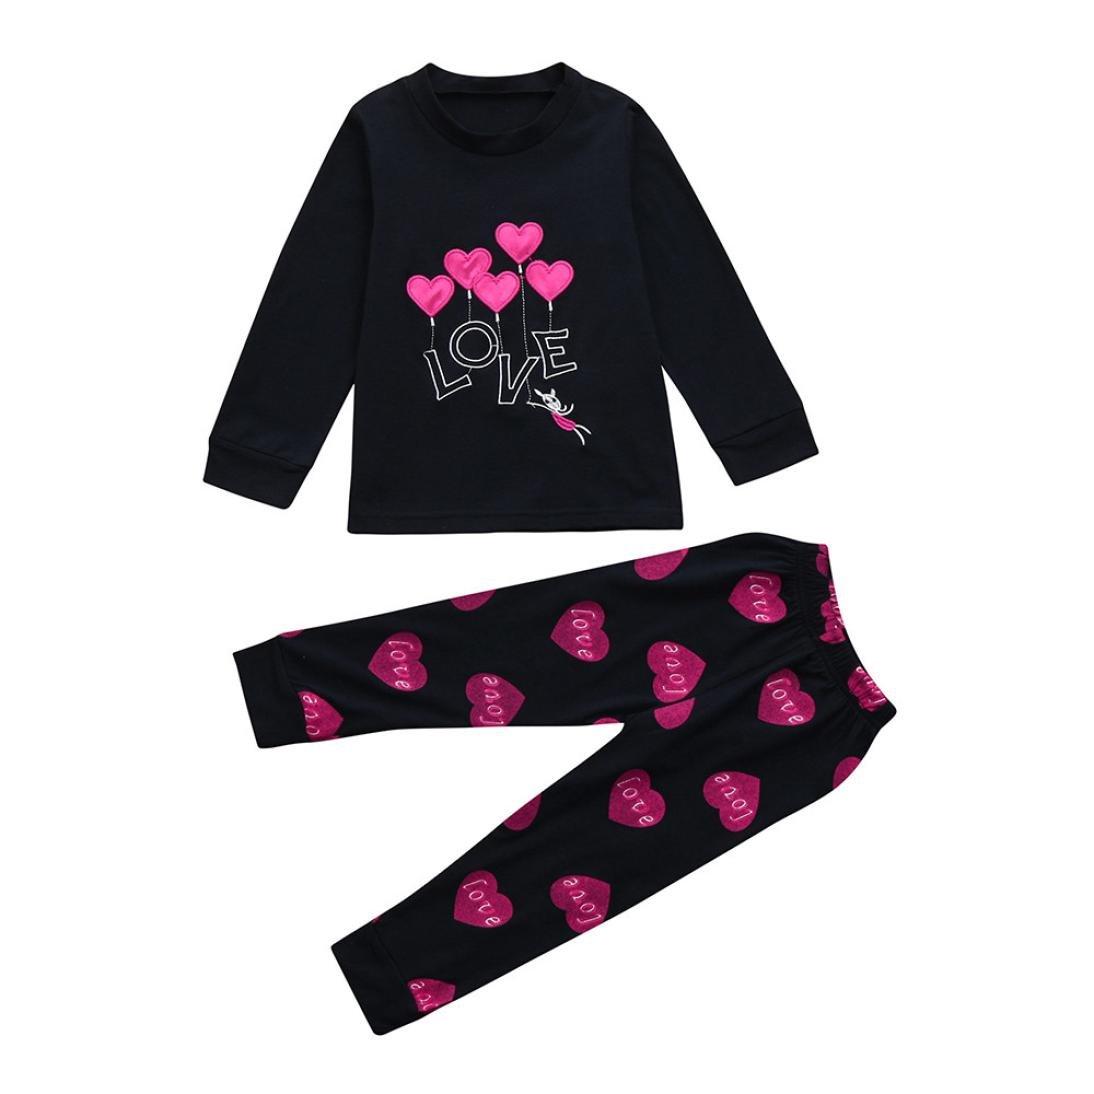 Ensembles de Pyjama Fille 1-7 Ans, T-Shirt Hauts à Manches Longues et Pantalon Garçon Costume Imprimé Vêtements de Nuit